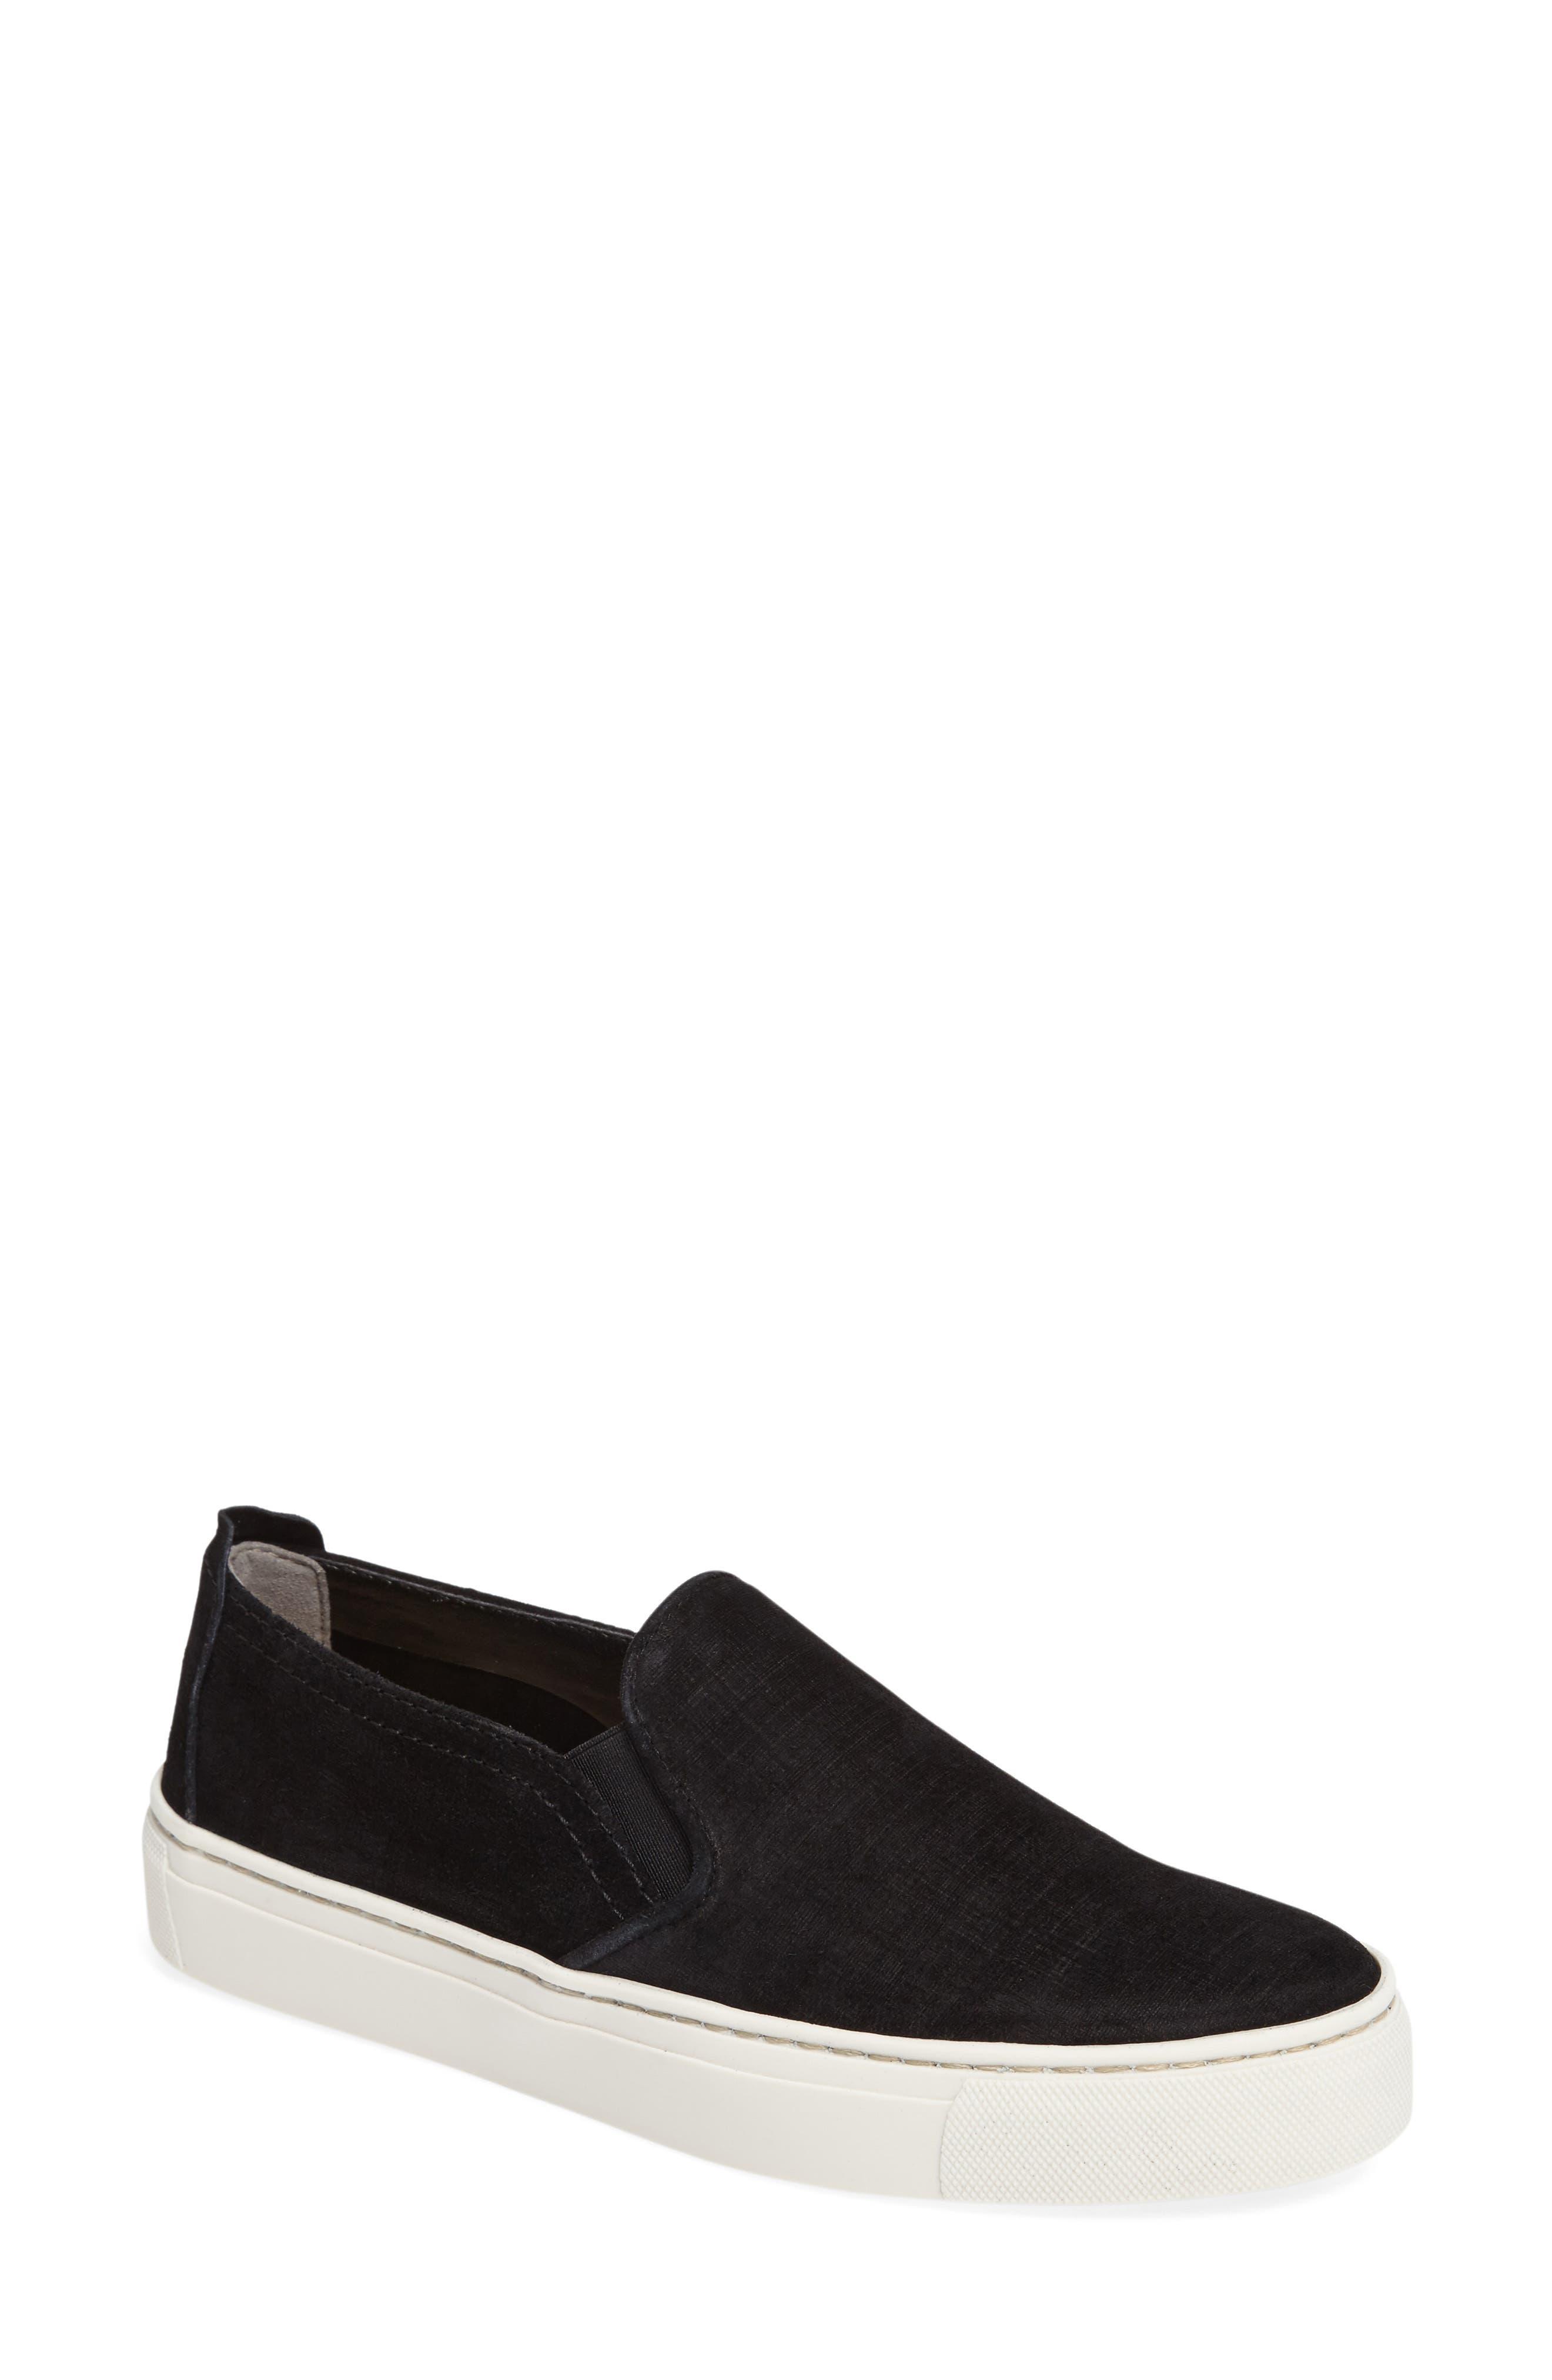 'Sneak Name' Sneaker,                         Main,                         color, Black